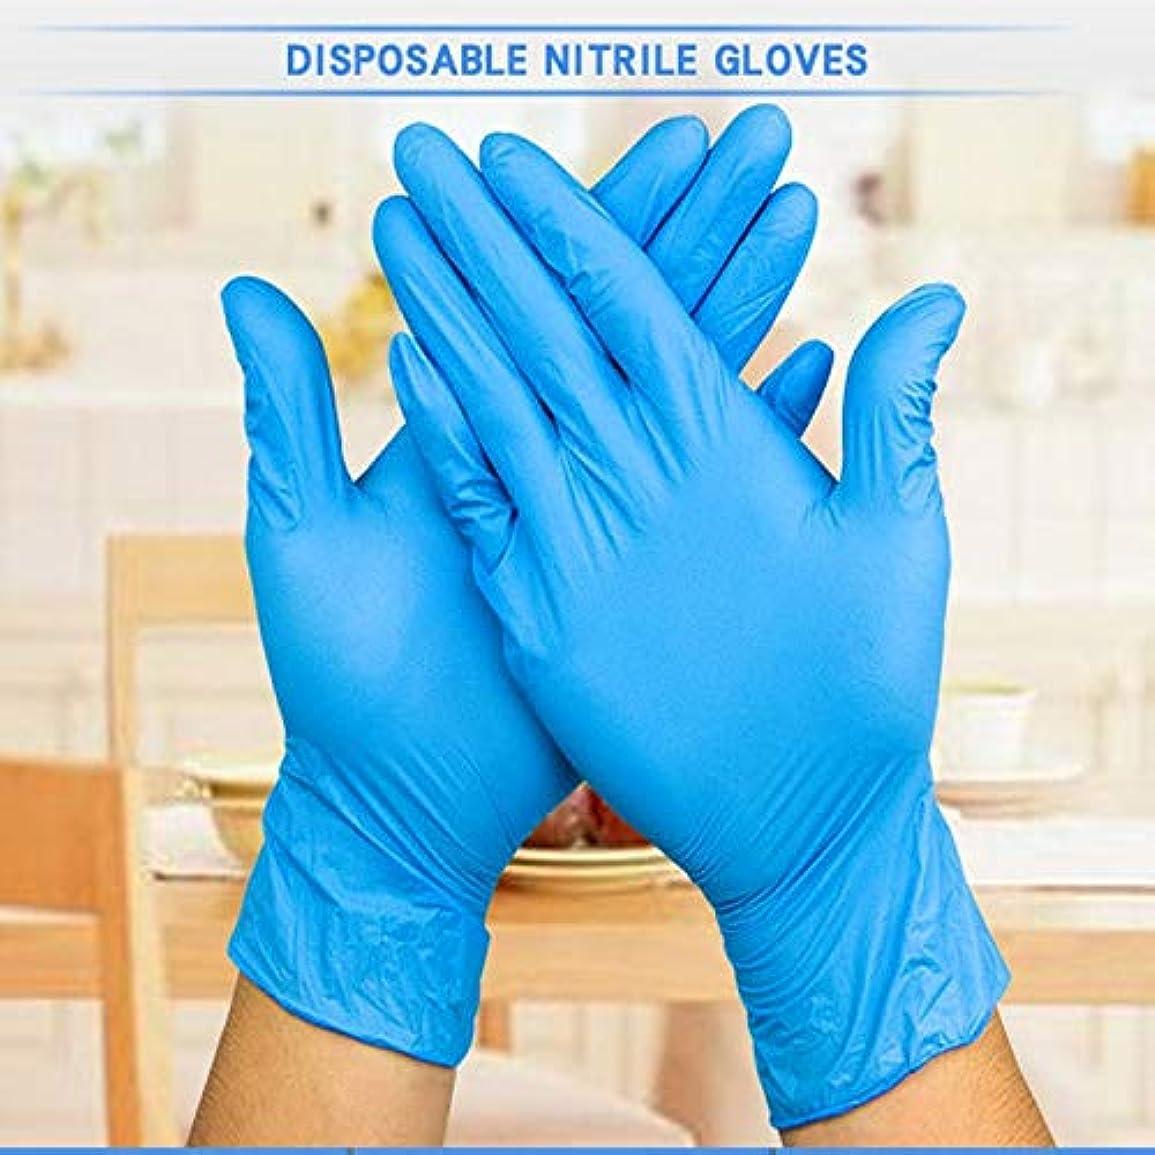 透けて見える溢れんばかりのスリラーニトリル医療グレード試験用手袋、使い捨て、ラテックスフリー、100カウント衛生手袋 (Color : Blue, Size : L)